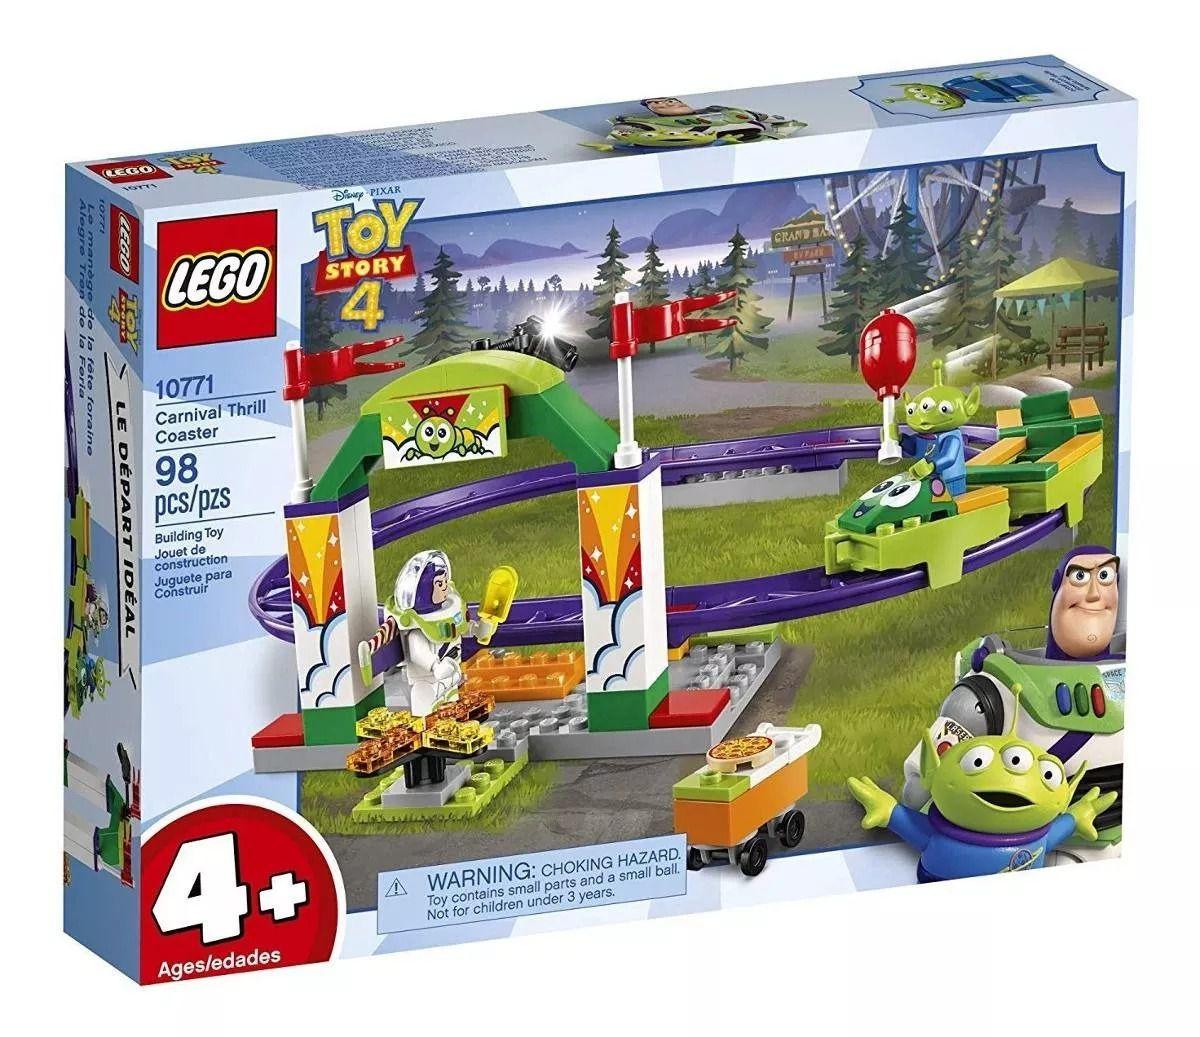 Lego 10771 Toy Story 4 – Montanha Russa de Emoções  - 98 peças